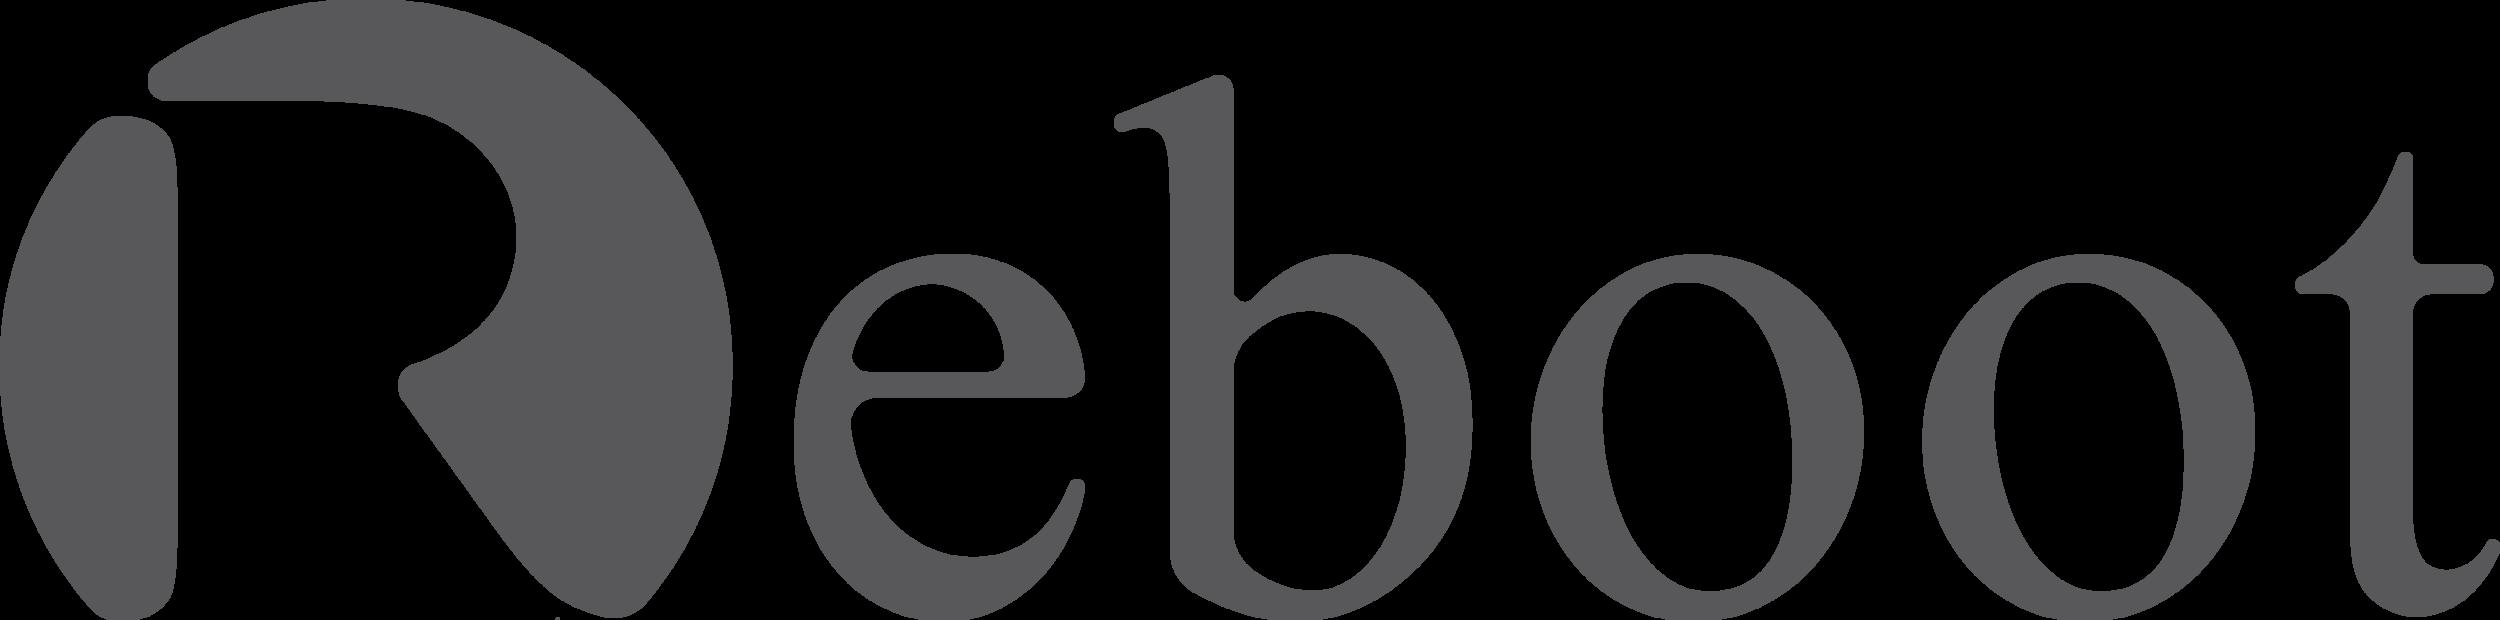 reboot logofull.png